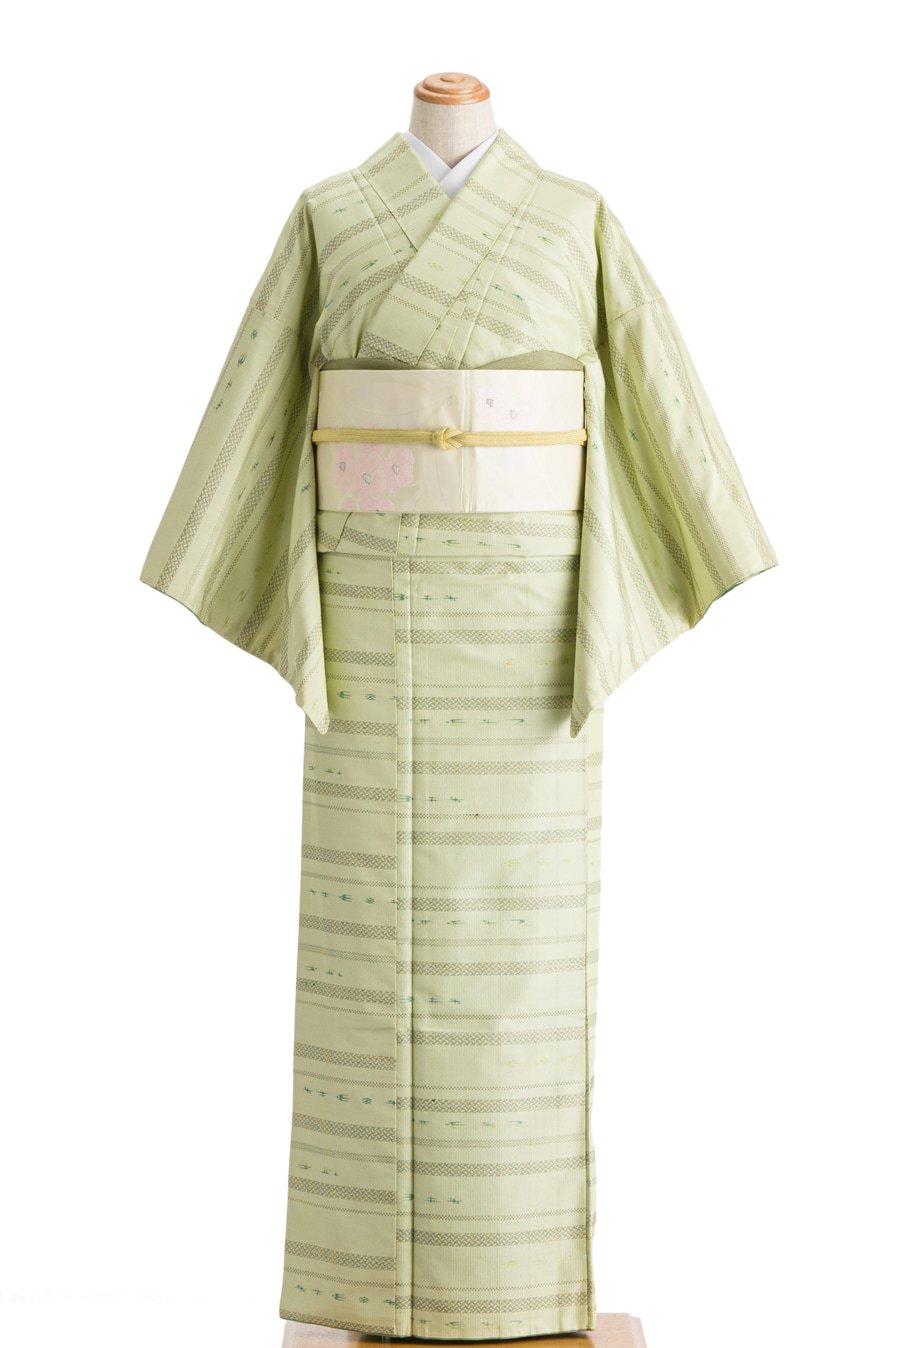 「紬 薄黄緑 横段に絣の燕」の商品画像